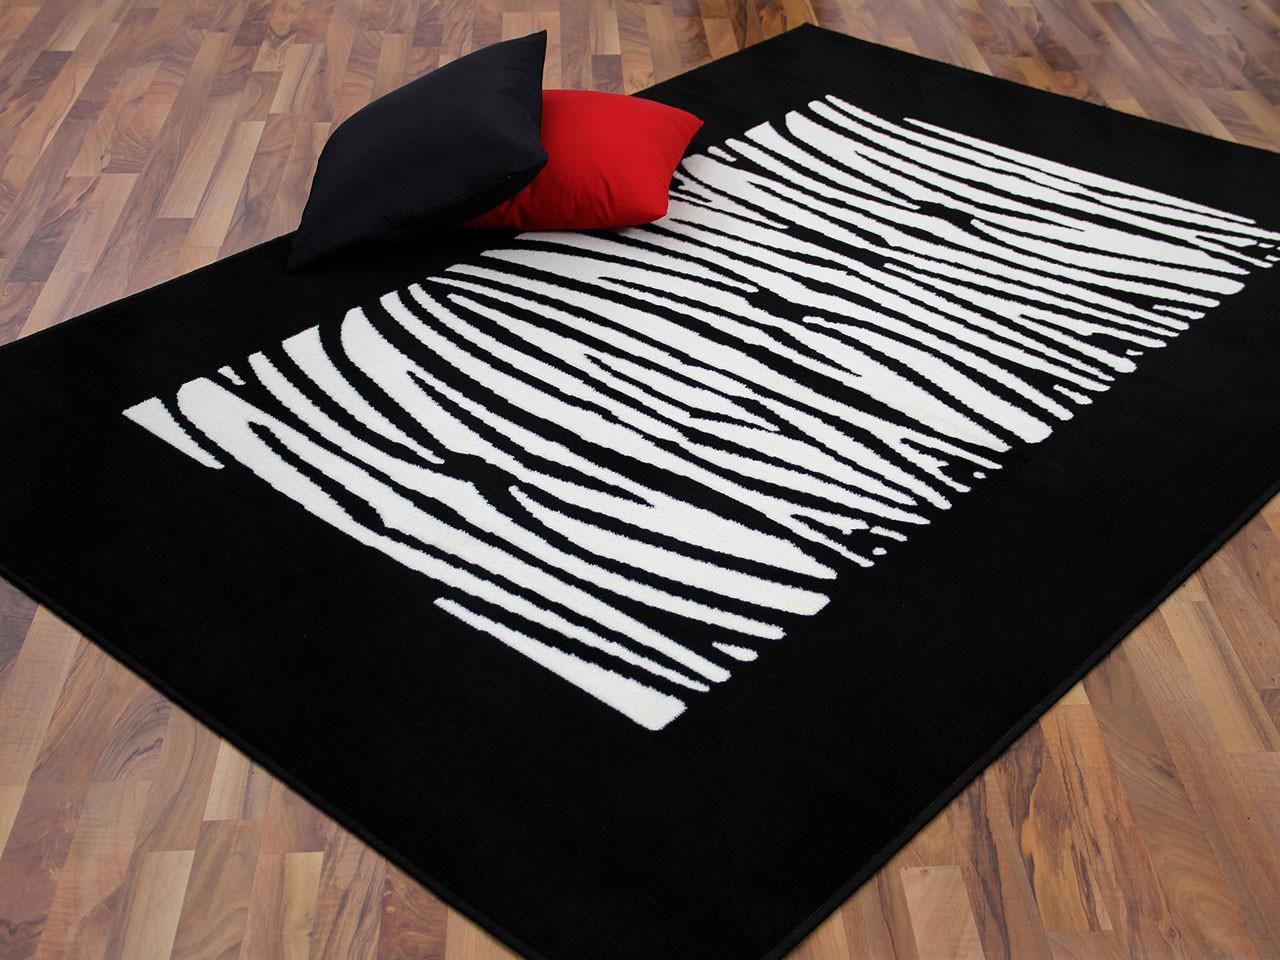 teppich trendline schwarz wei streifen abverkauf. Black Bedroom Furniture Sets. Home Design Ideas